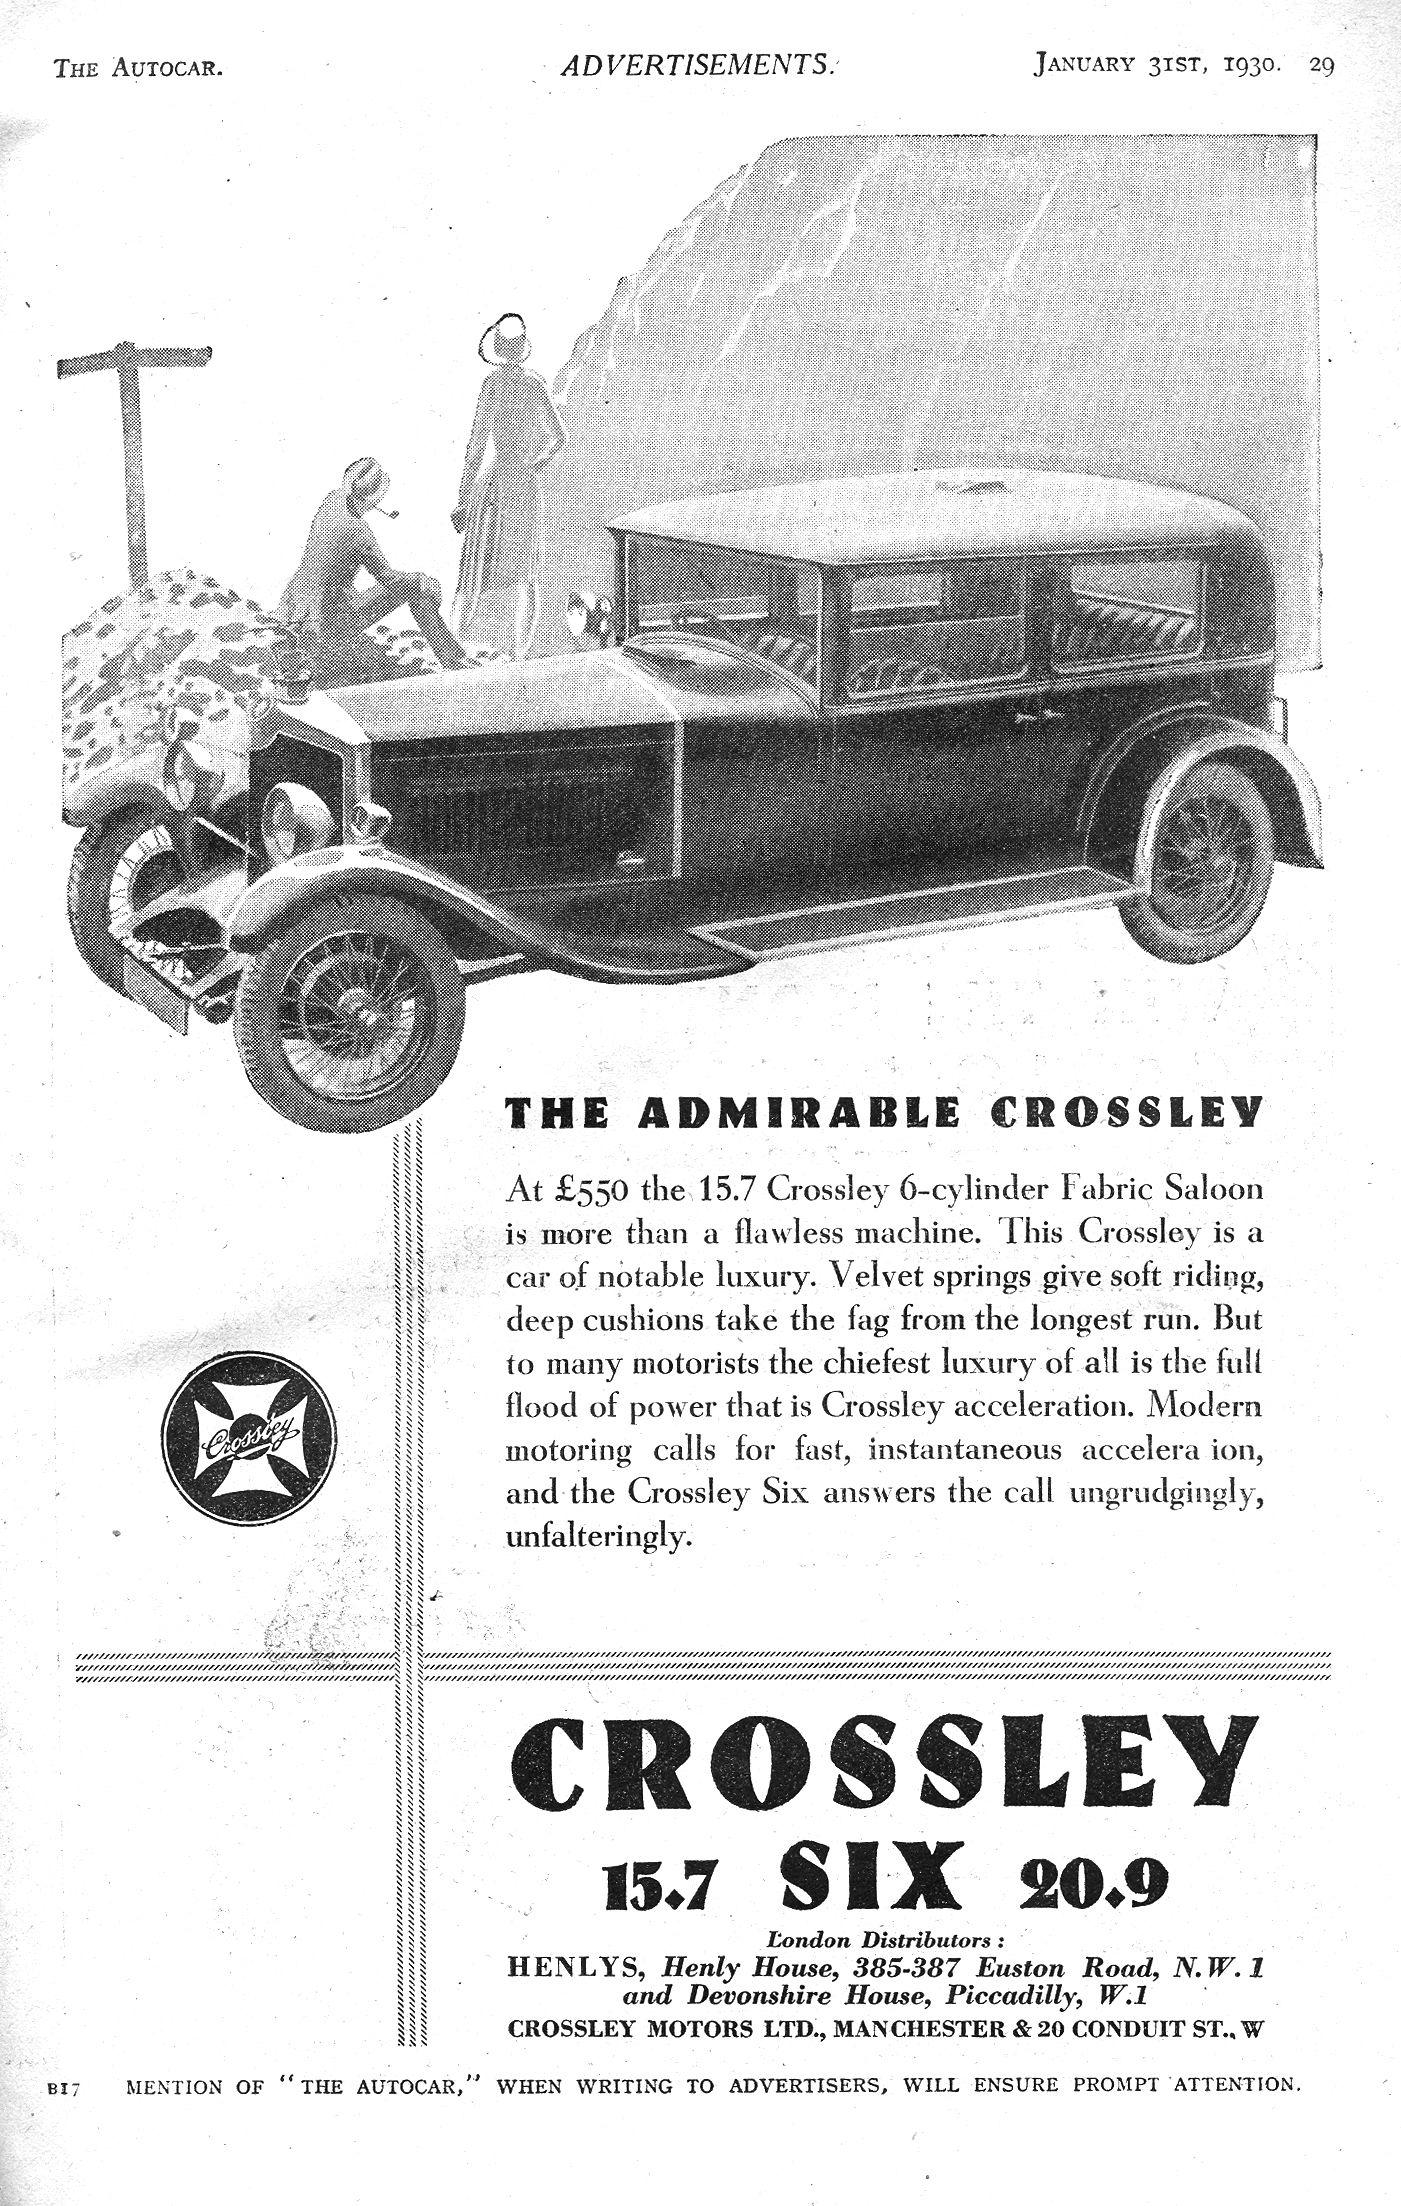 Crossley Car Autocar Advert 1930 - Super Six, 20.9hp & 15.7hp ...